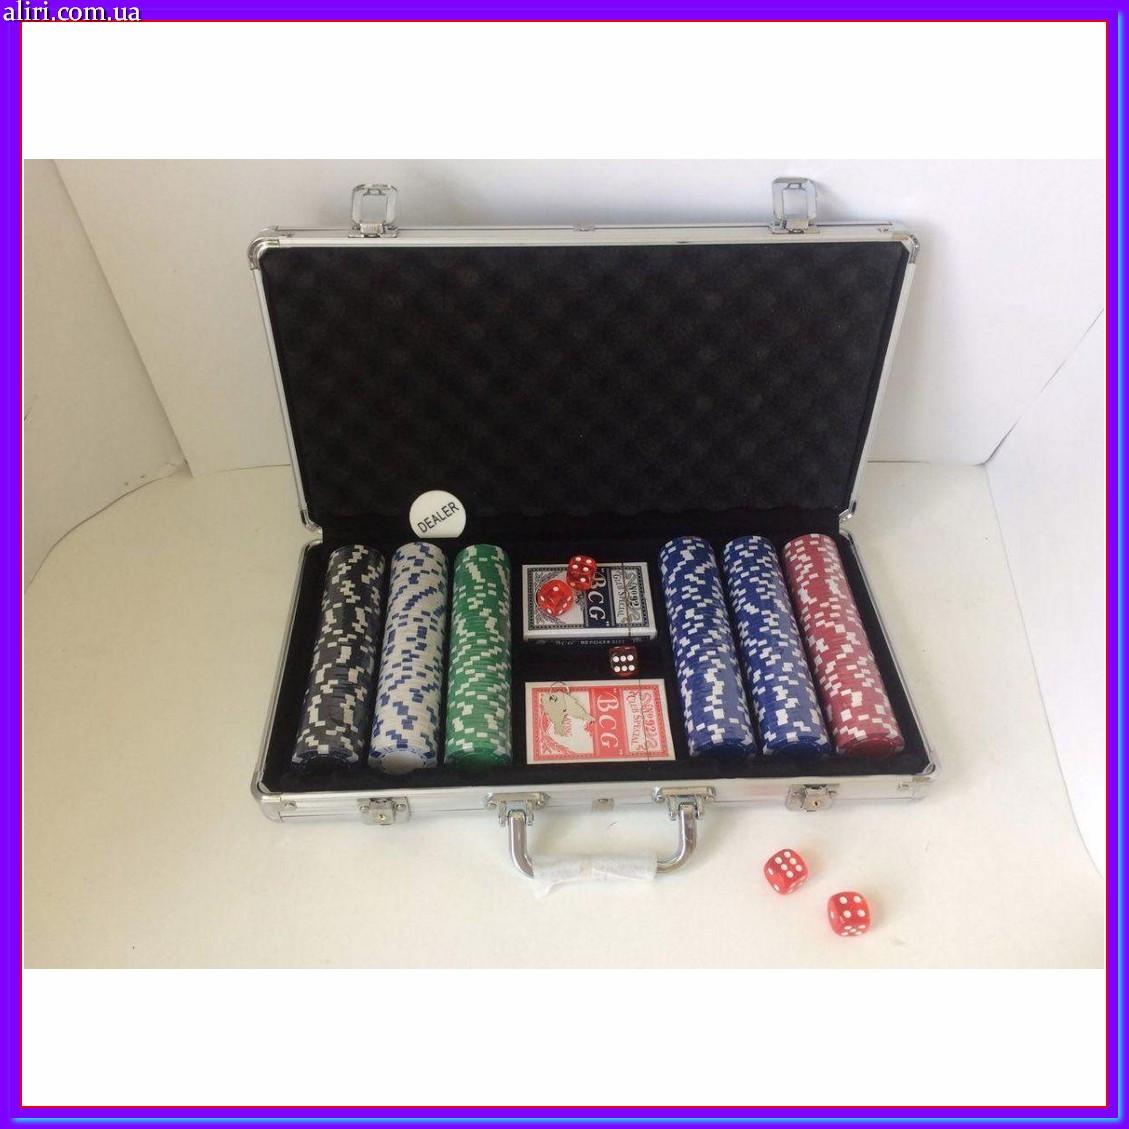 Покерный набор на 300 фишек без номинала в кейсе